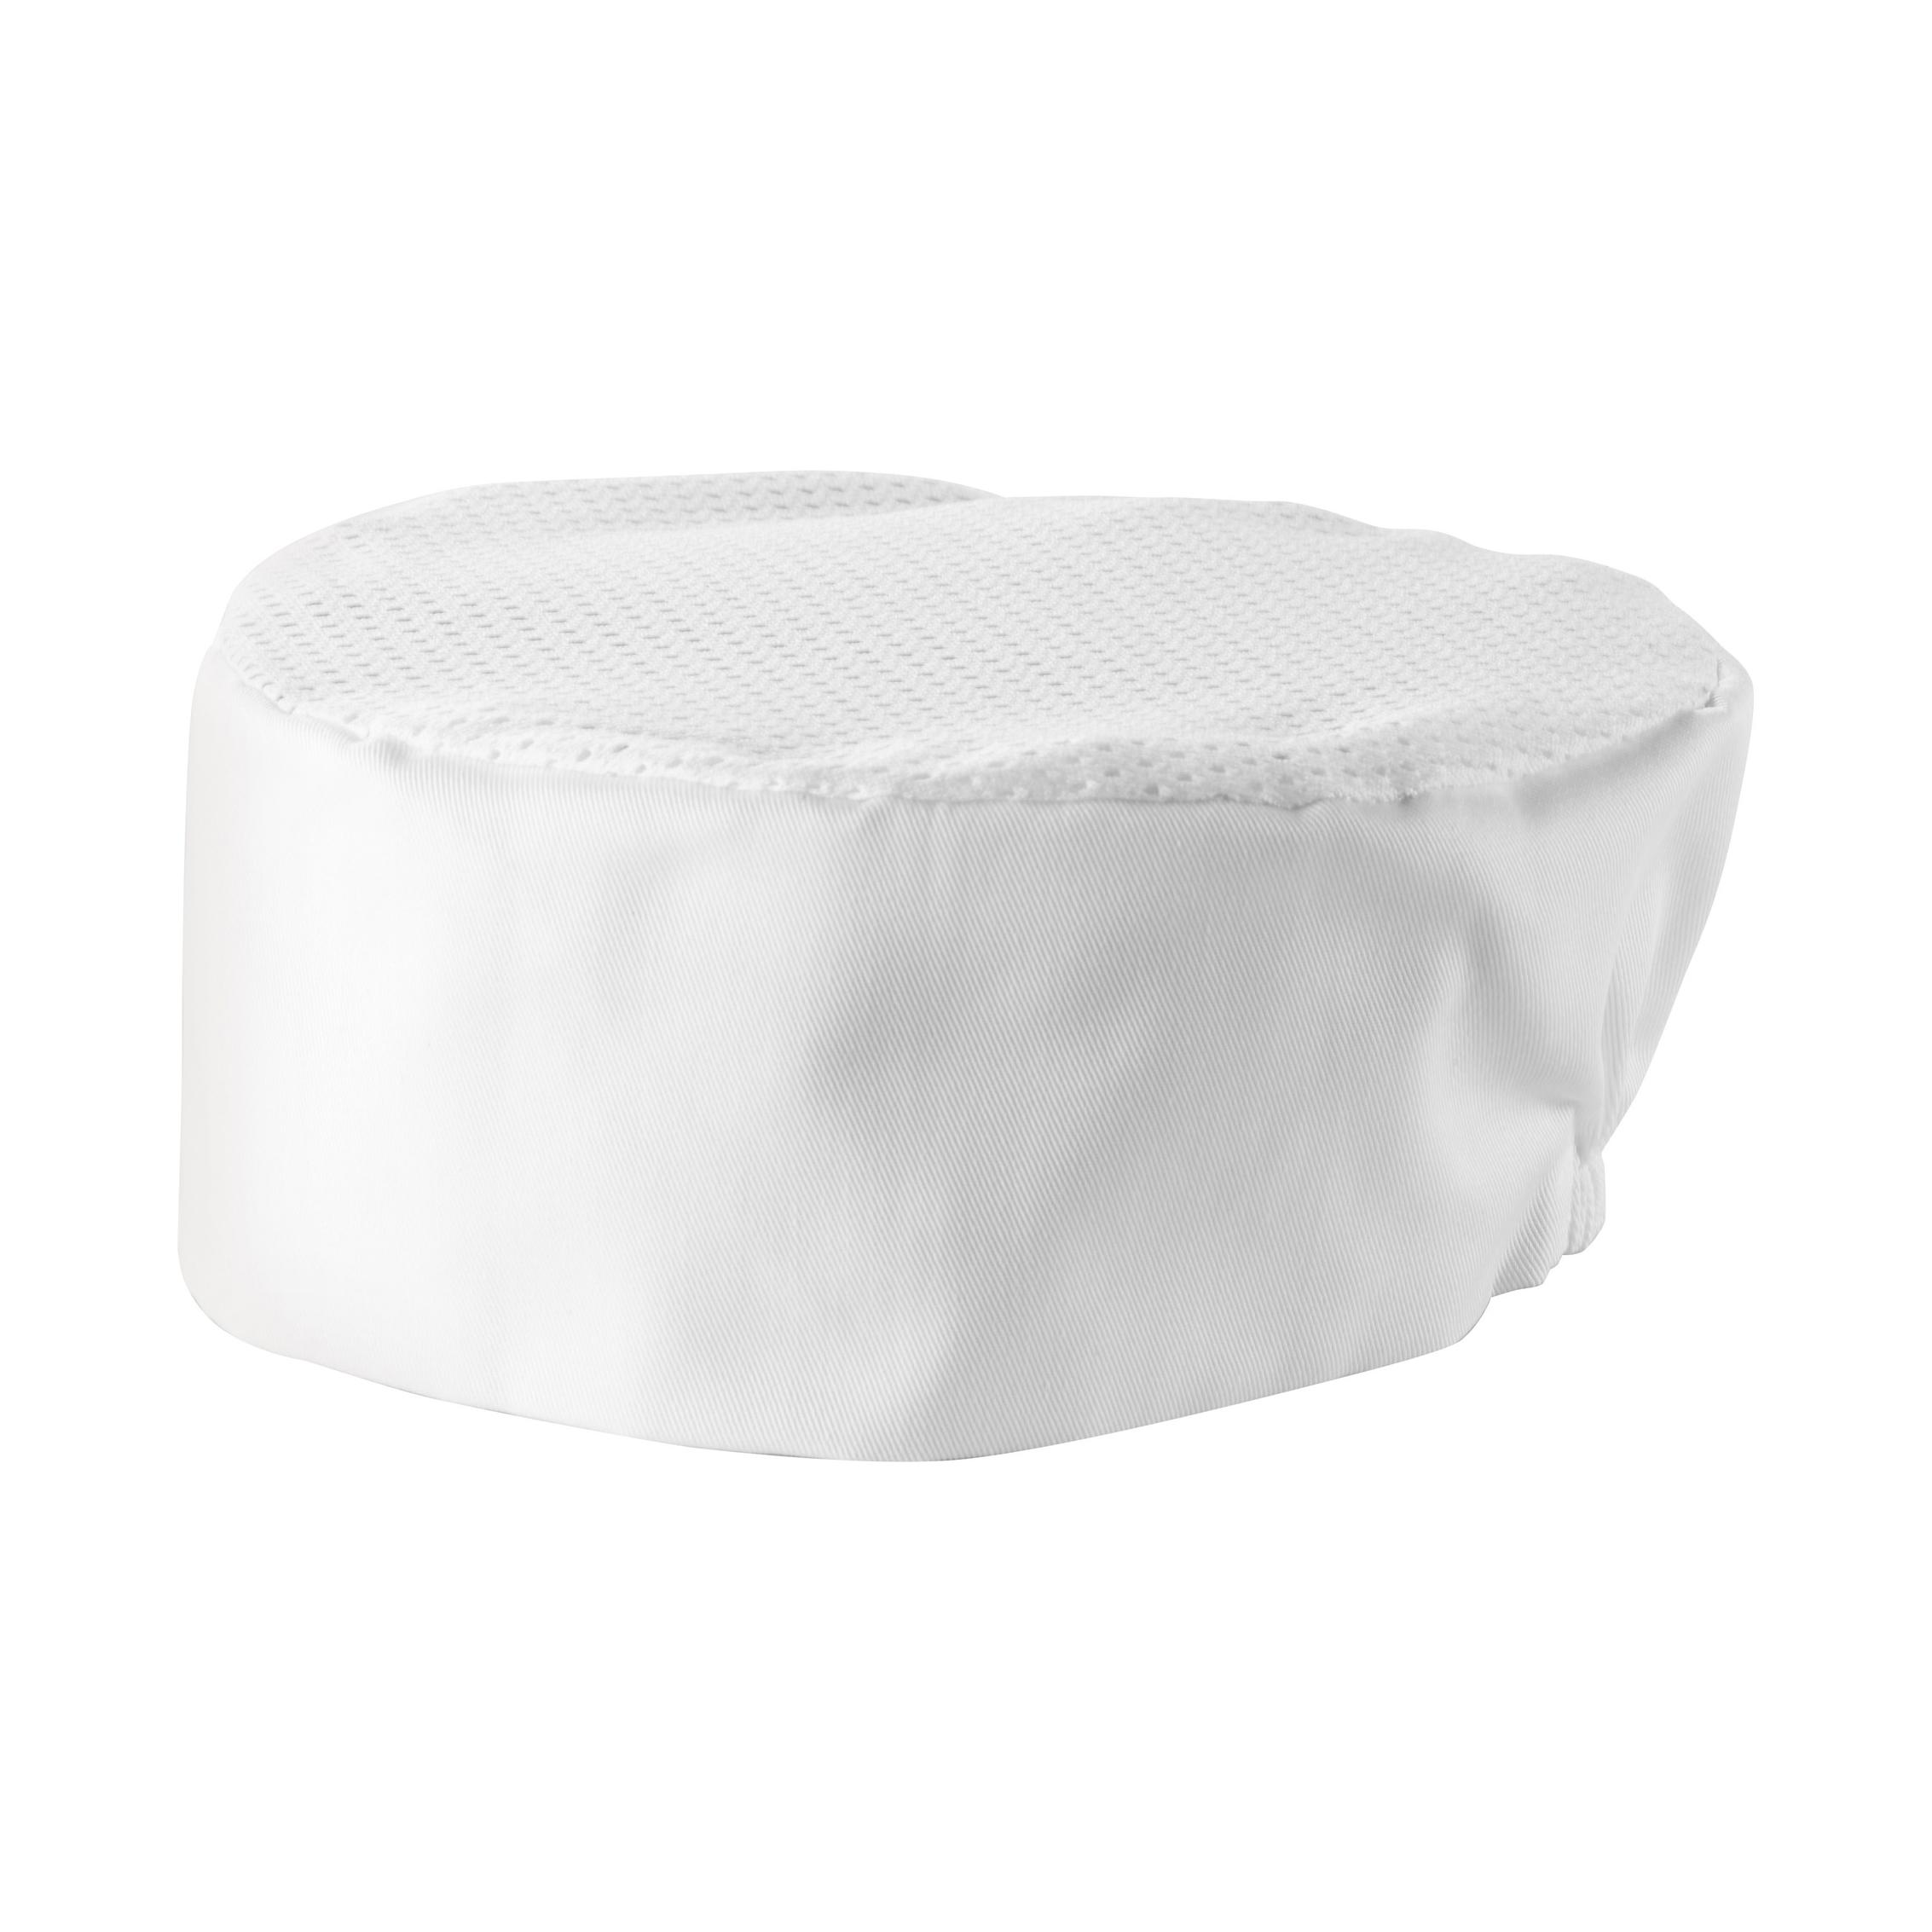 Winco CHPB-3WX chef's hat